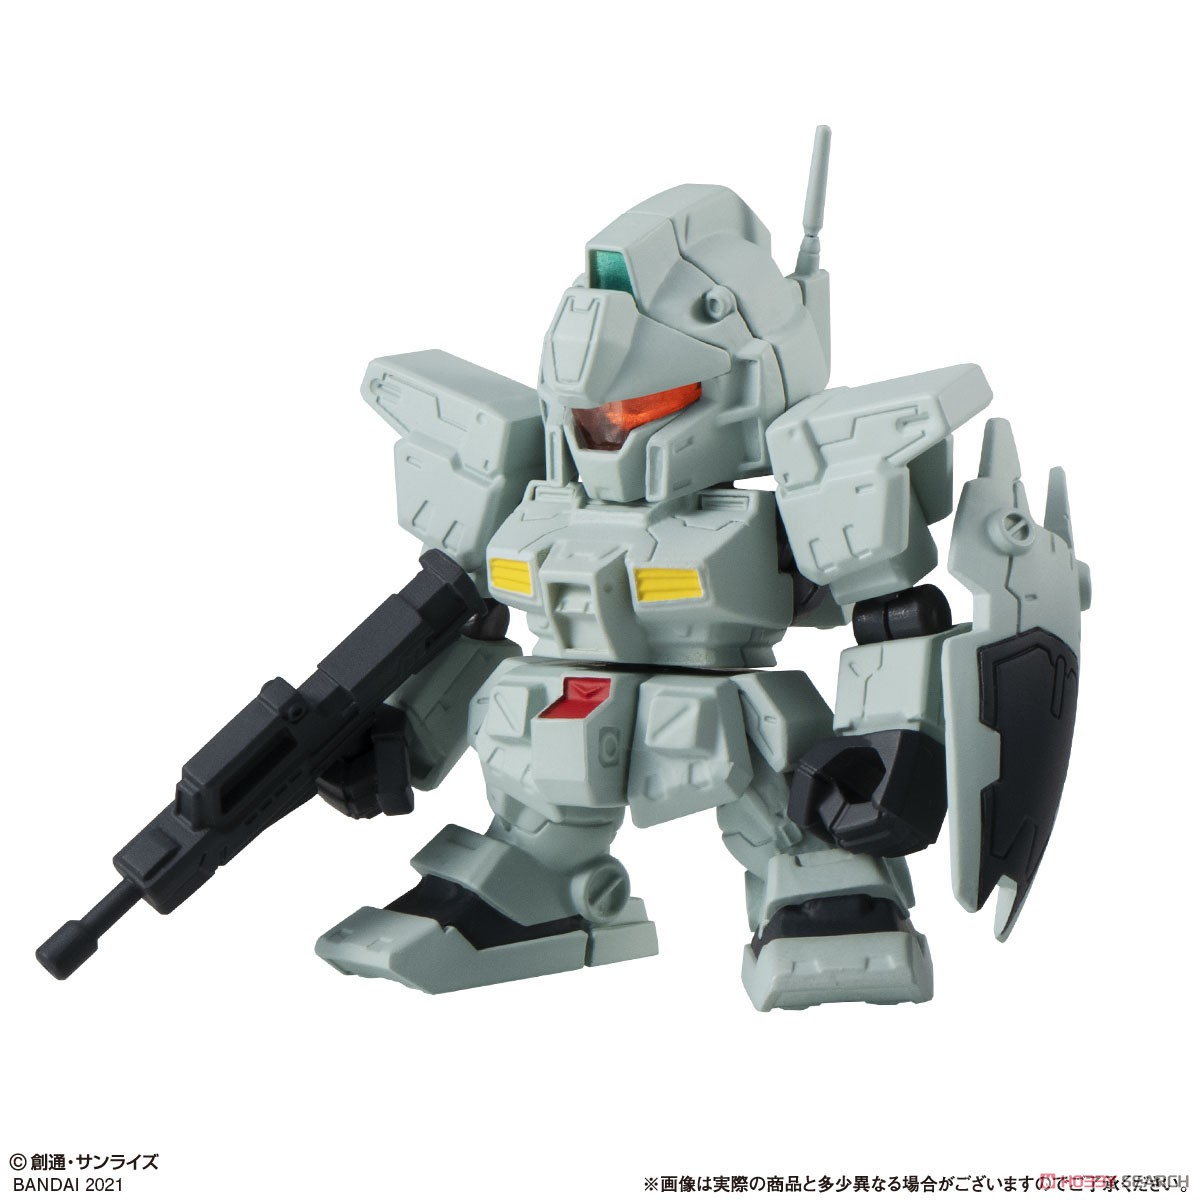 【ガシャポン】機動戦士ガンダム『ガシャポン戦士フォルテ14』12個入りBOX-004